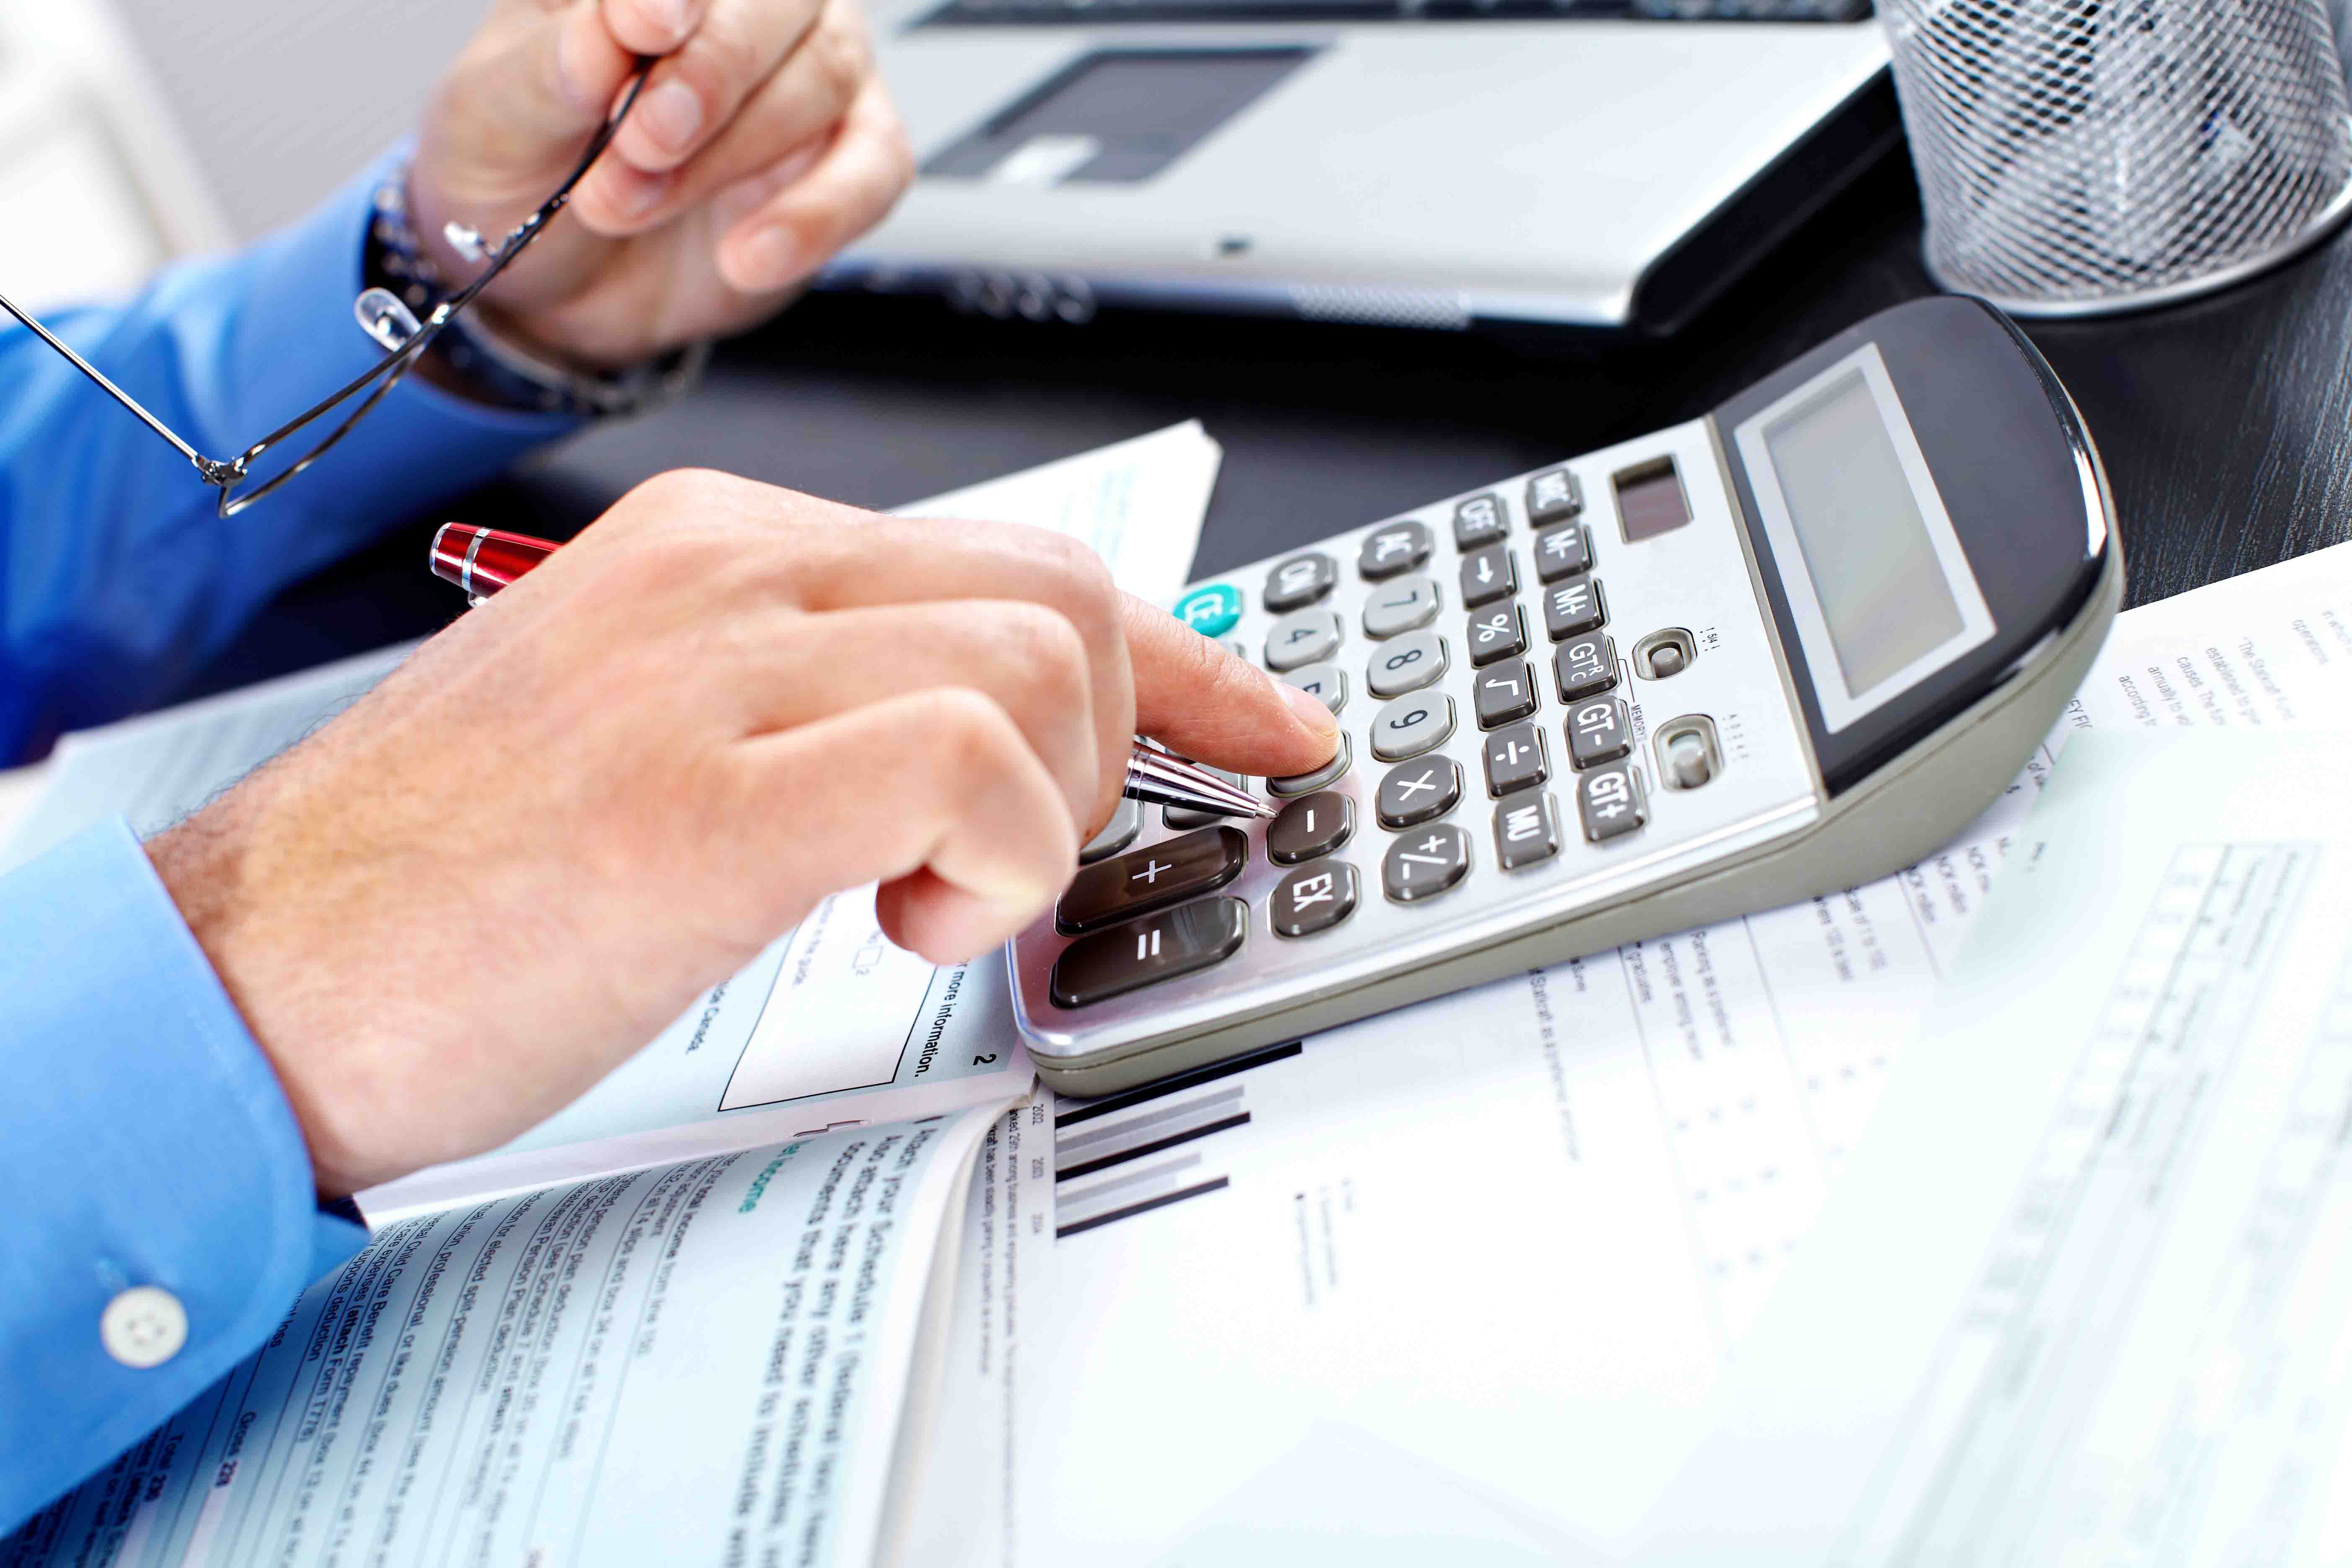 Comptabilité : doit-on obligatoirement engager un comptable ?